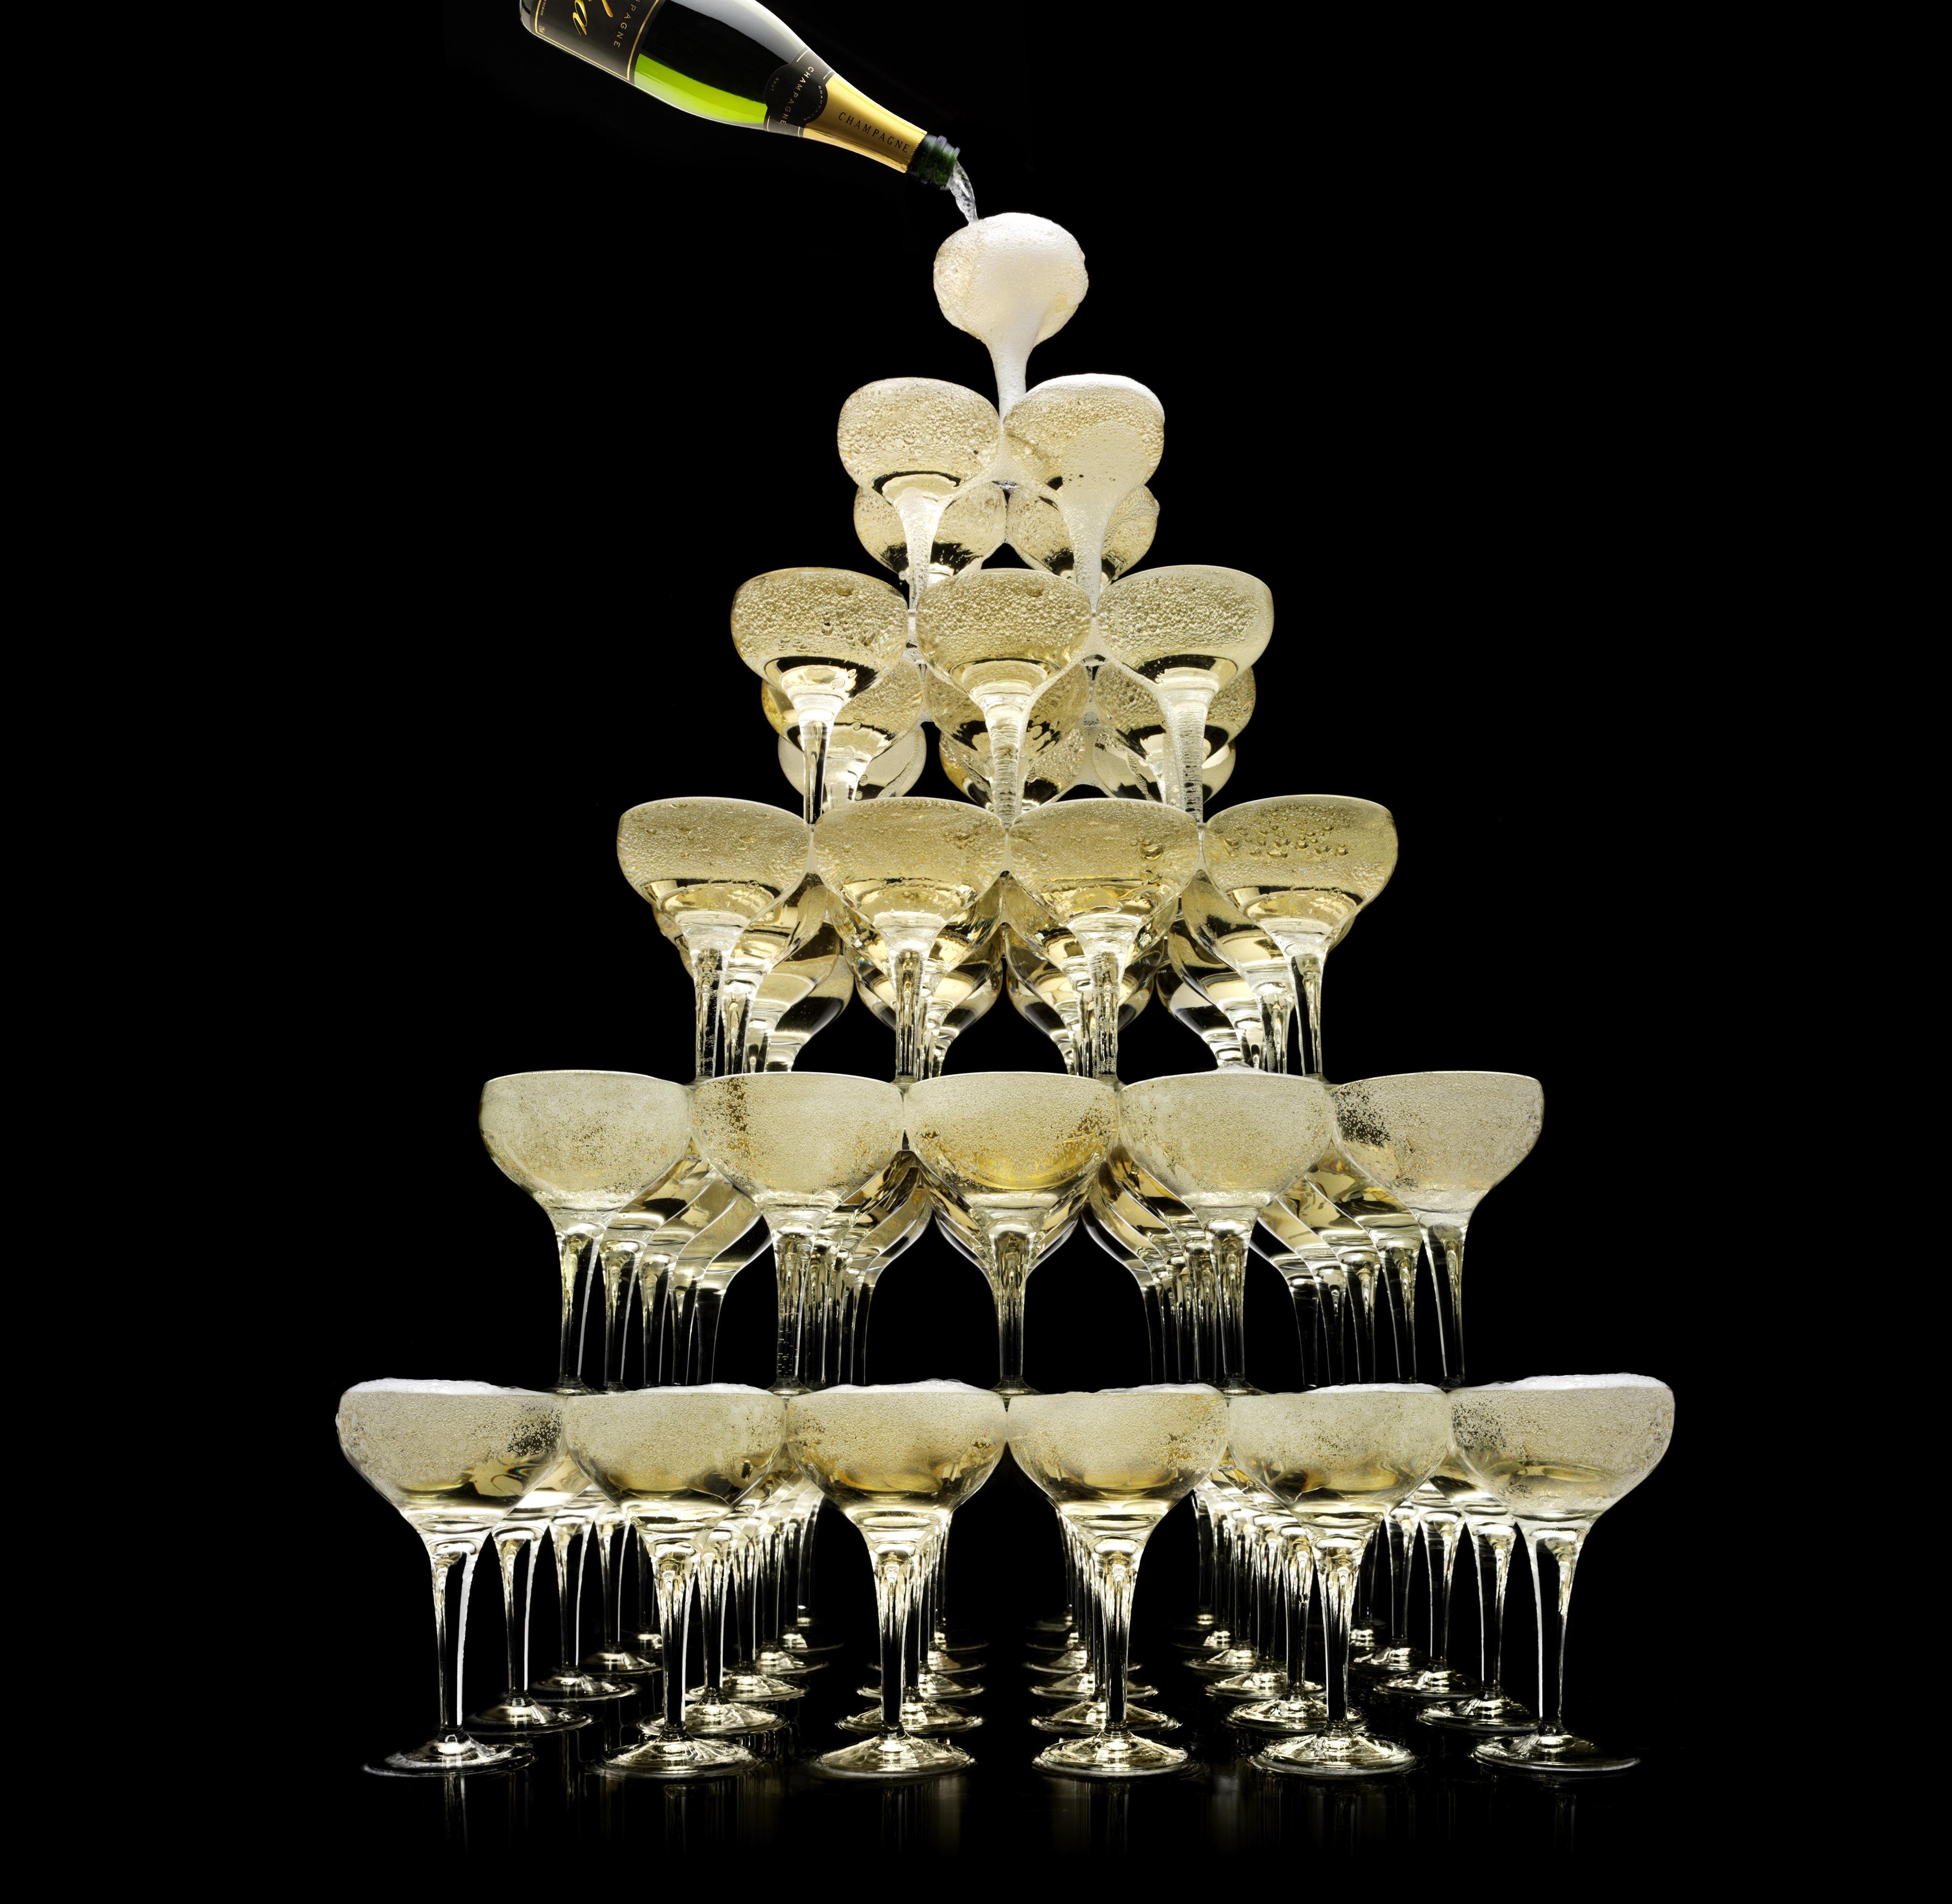 Tower of champagne glasses, studio shot